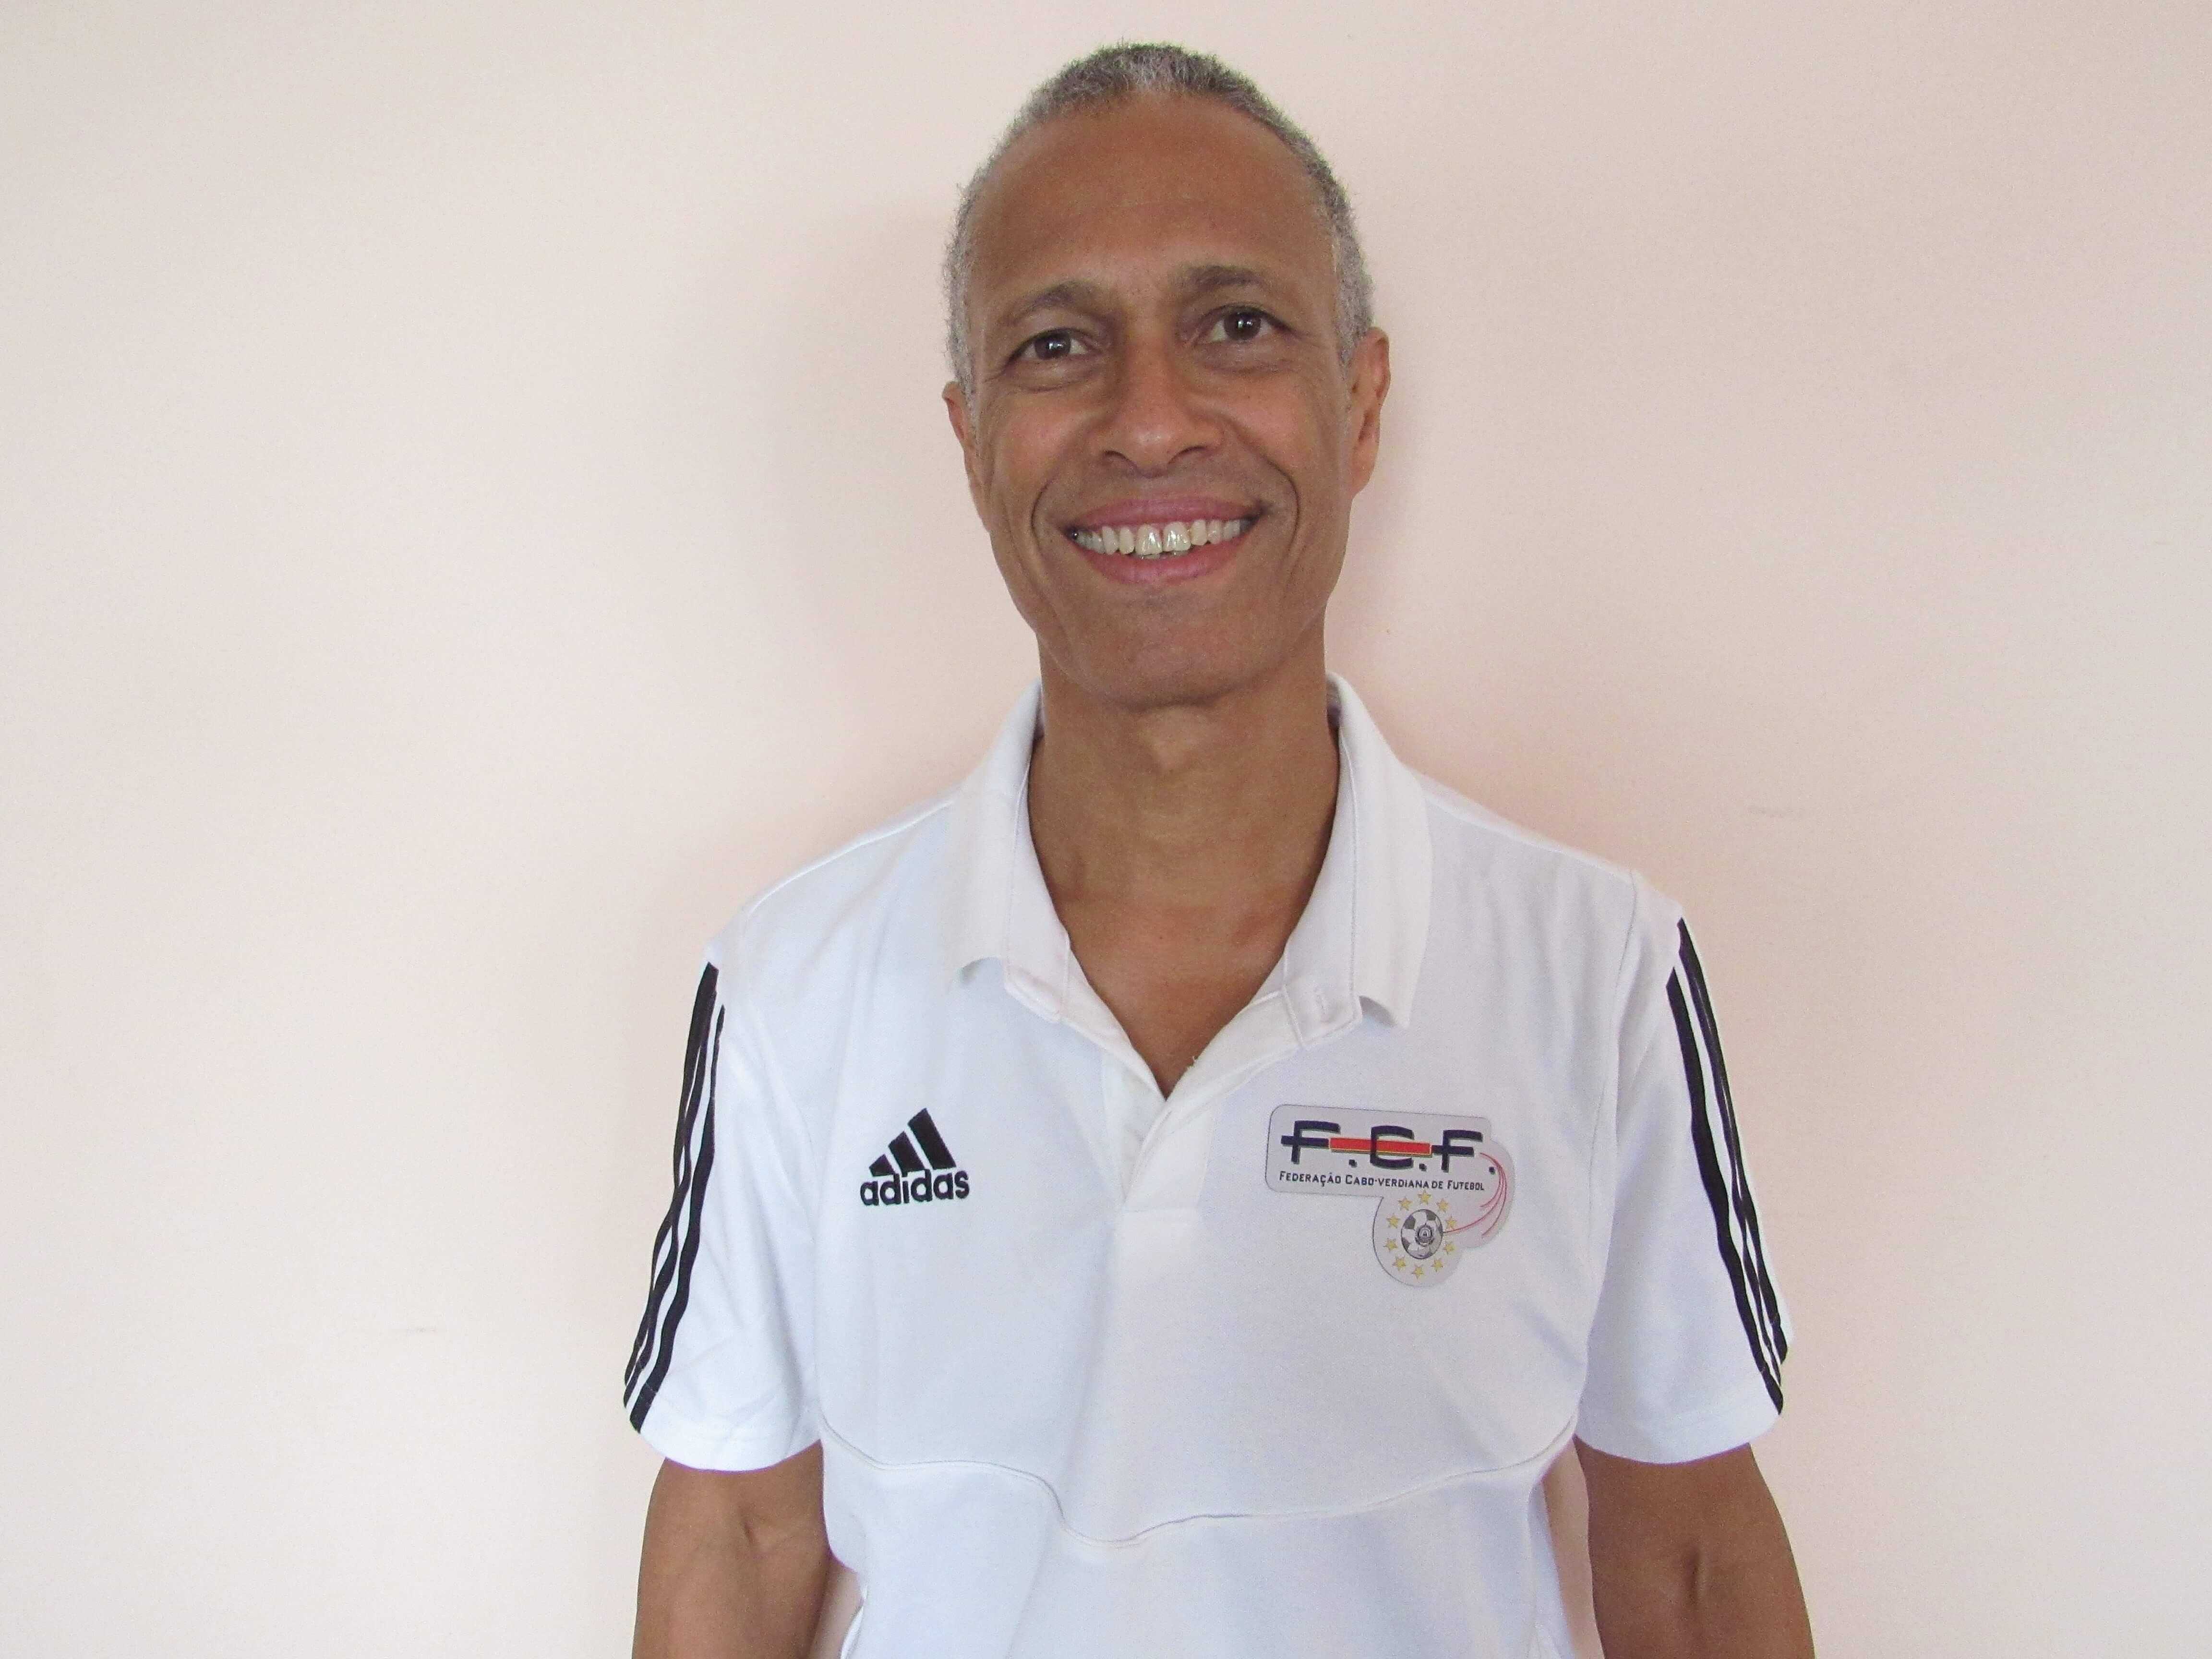 Humberto Évora